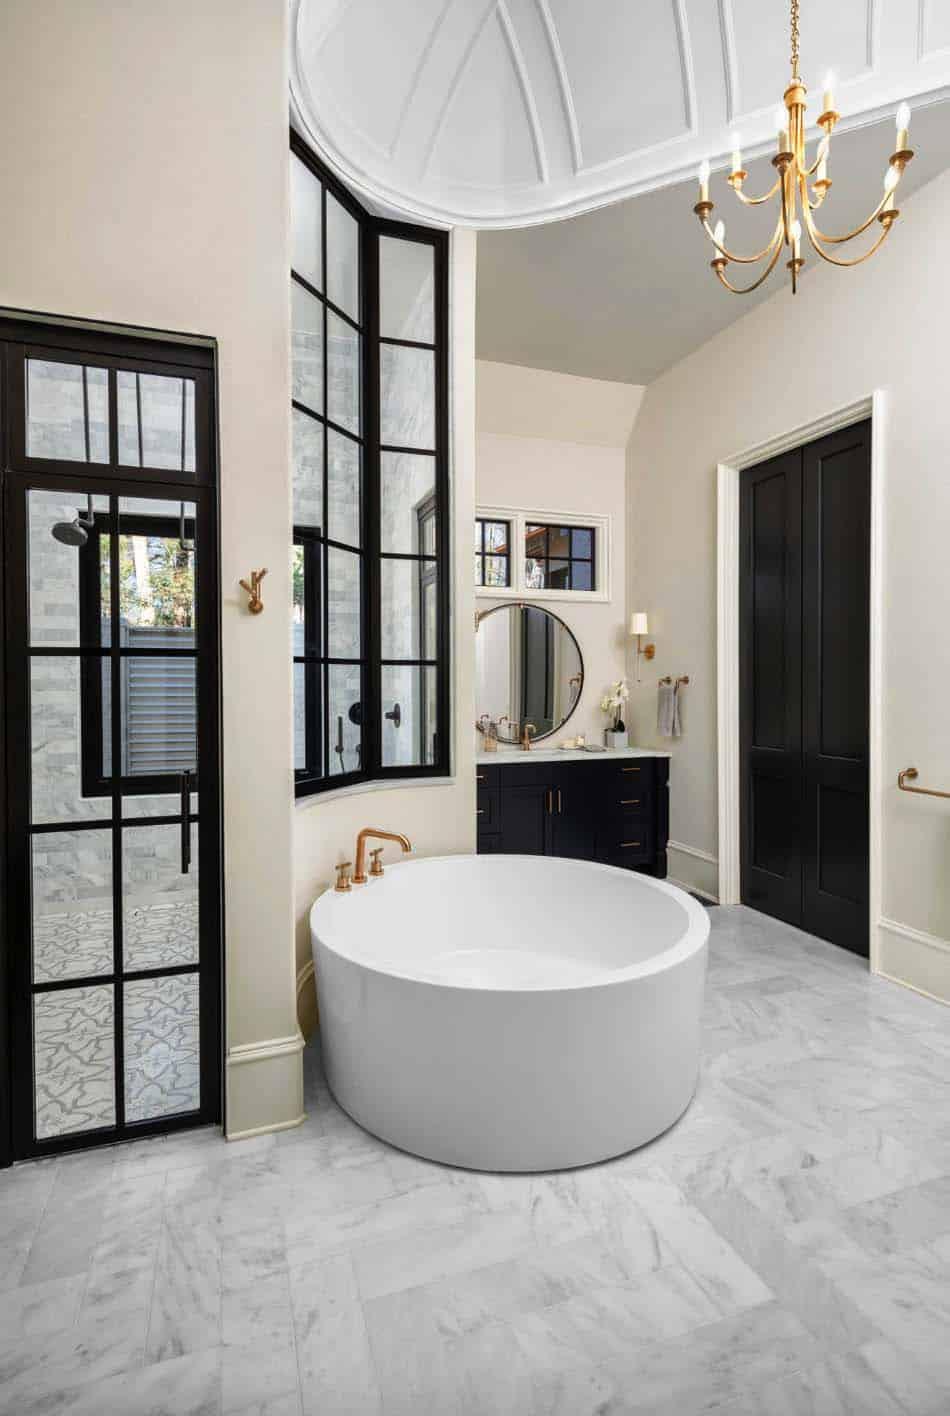 maison-exceptionnelle-salle-de-bain-de-transition